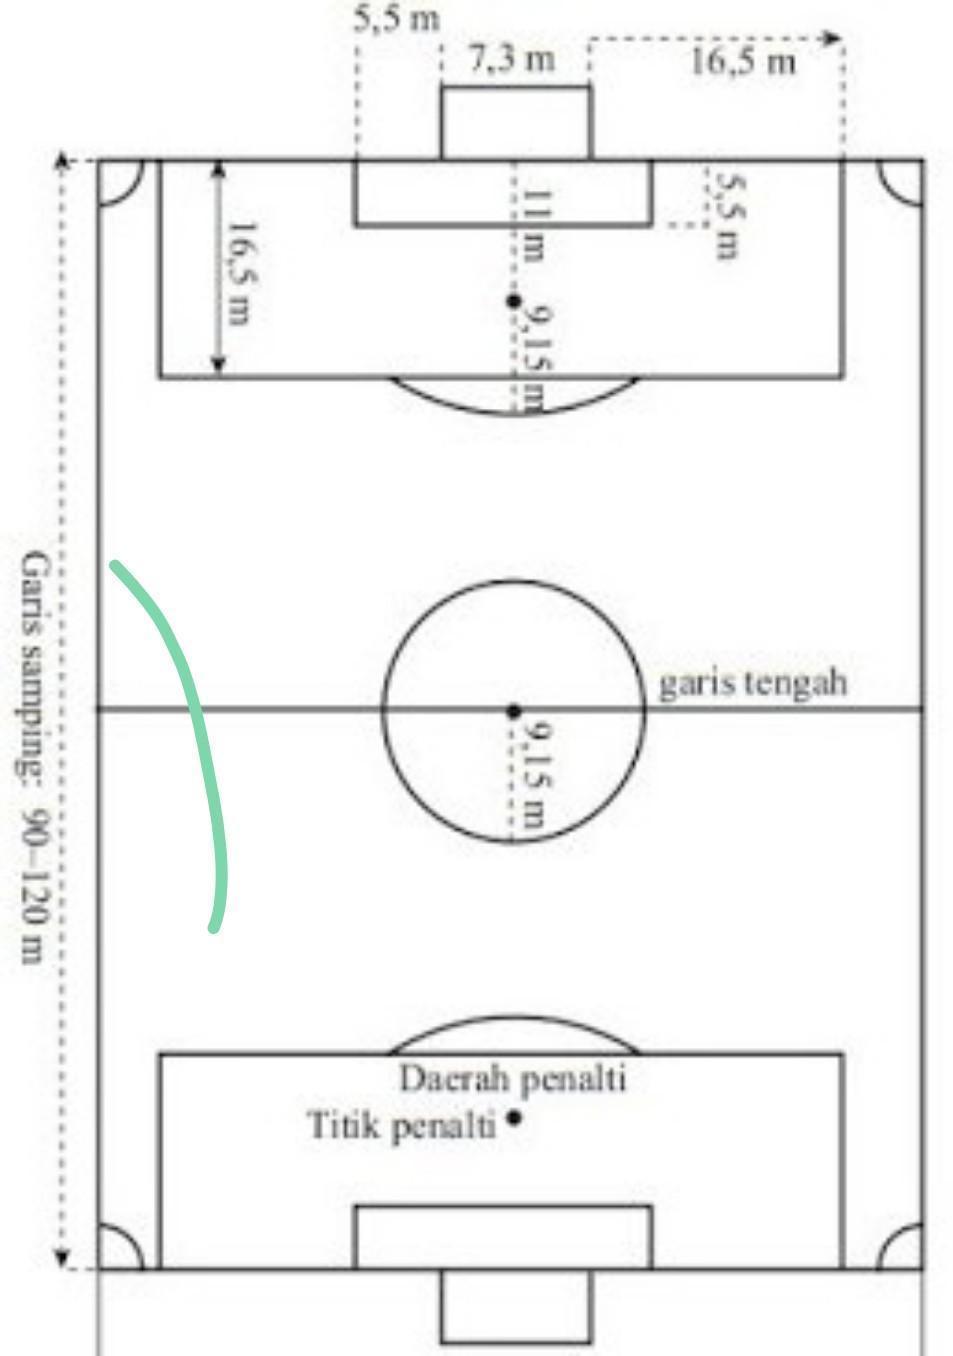 Gambar Lapangan Sepak Bola Dan Keterangannya : gambar, lapangan, sepak, keterangannya, Gambar, Lapangan, Sepak, Beserta, Ukurannya, Server